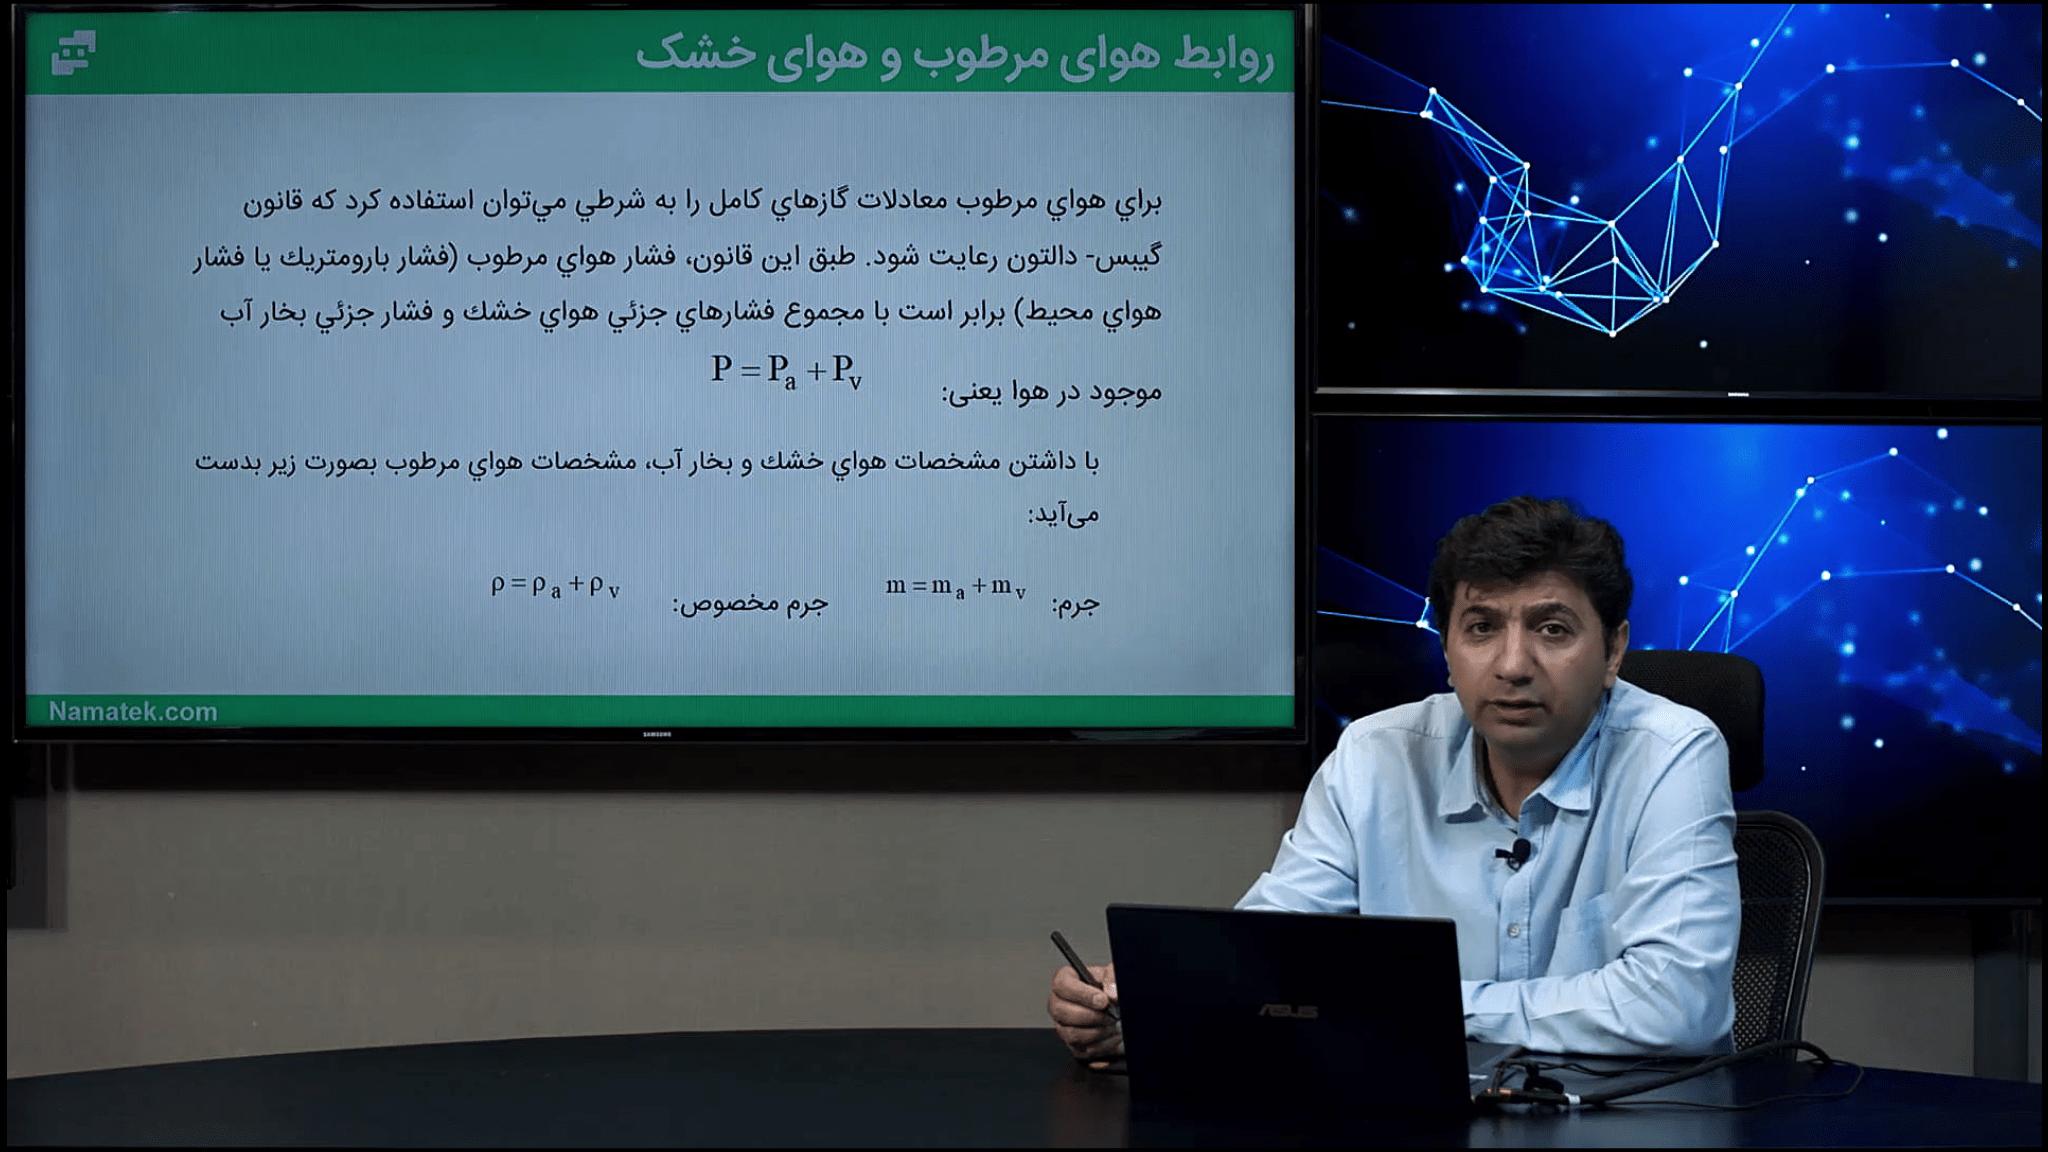 آموزش آزمون نظام مهندسی مکانیک (1)